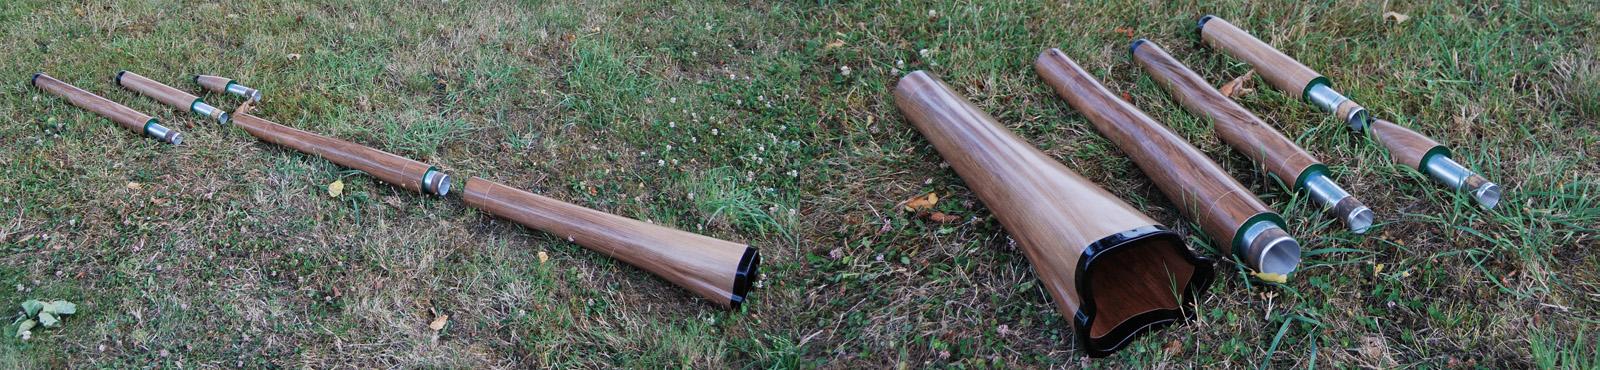 Pivert-Didgeridoos_92_Banniere